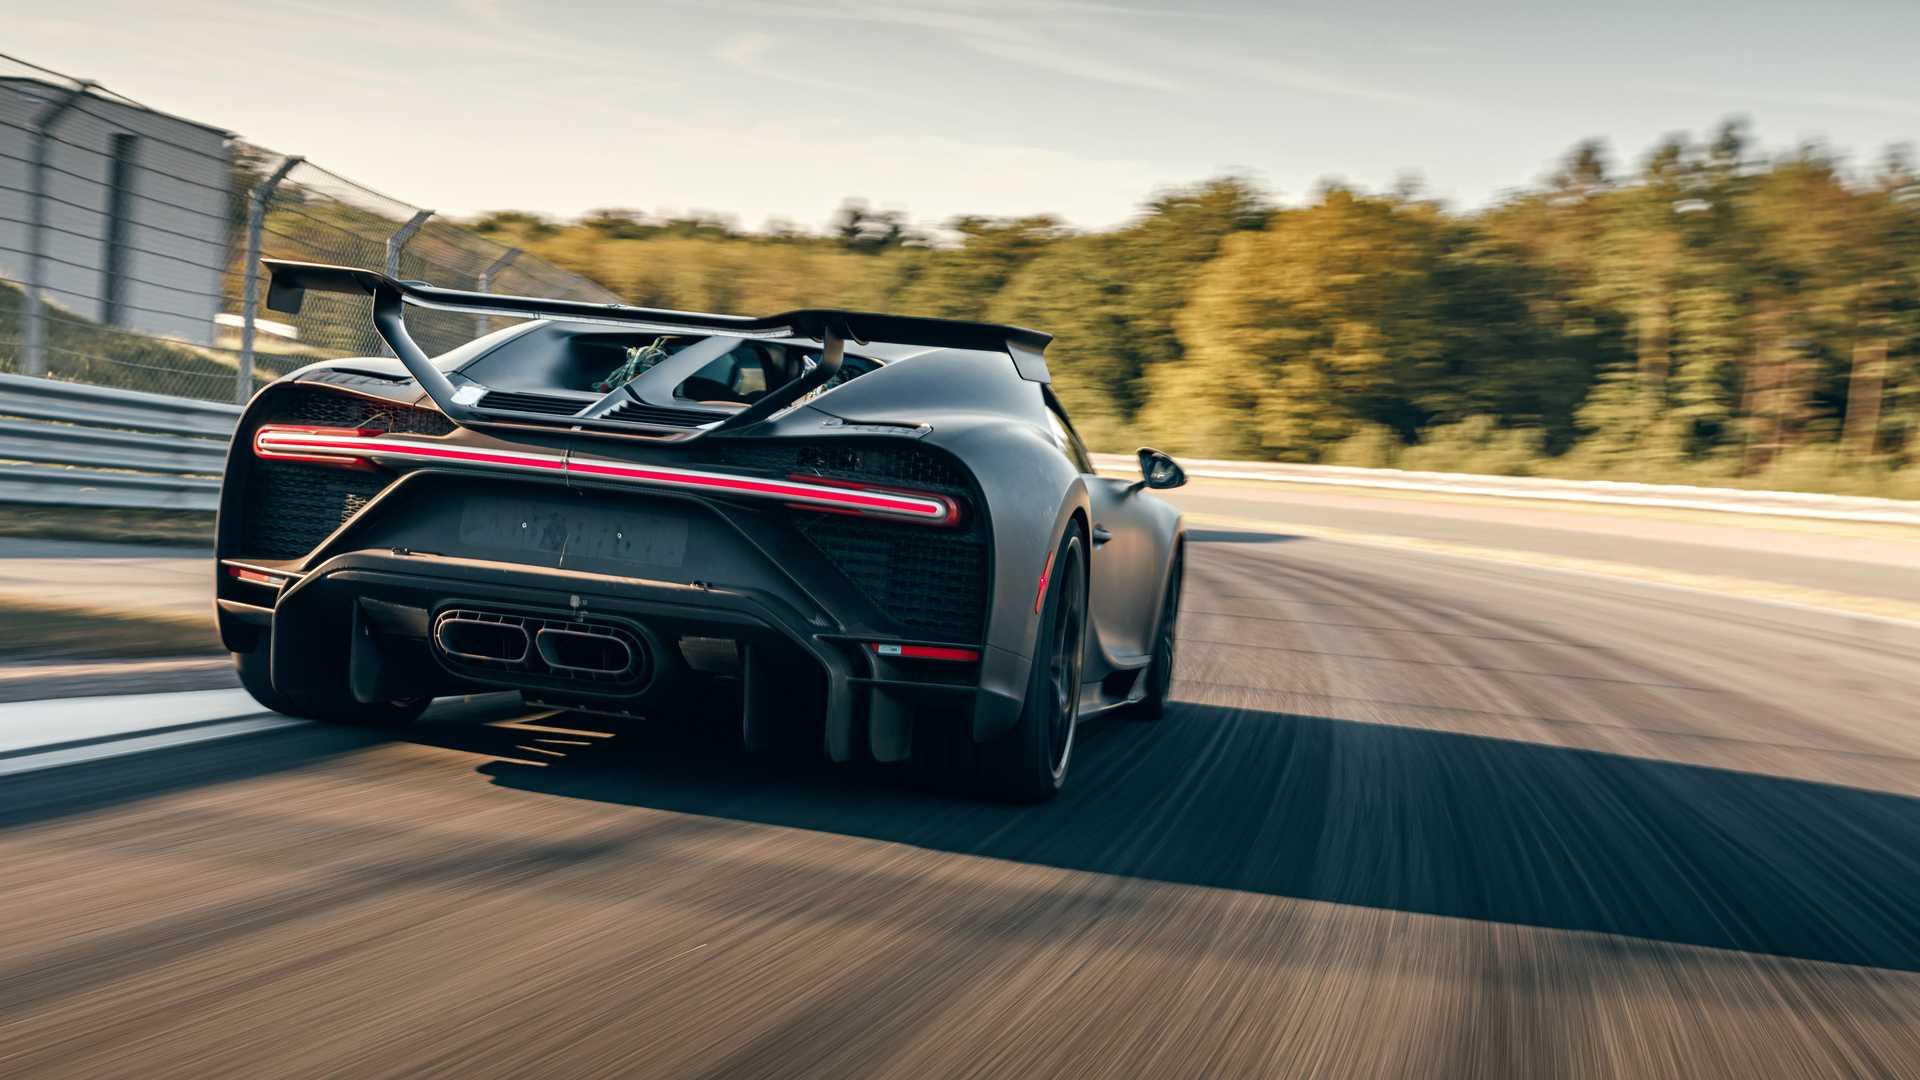 Bugatti_Chiron_Pur_Sport_Bilster_Berg_0009